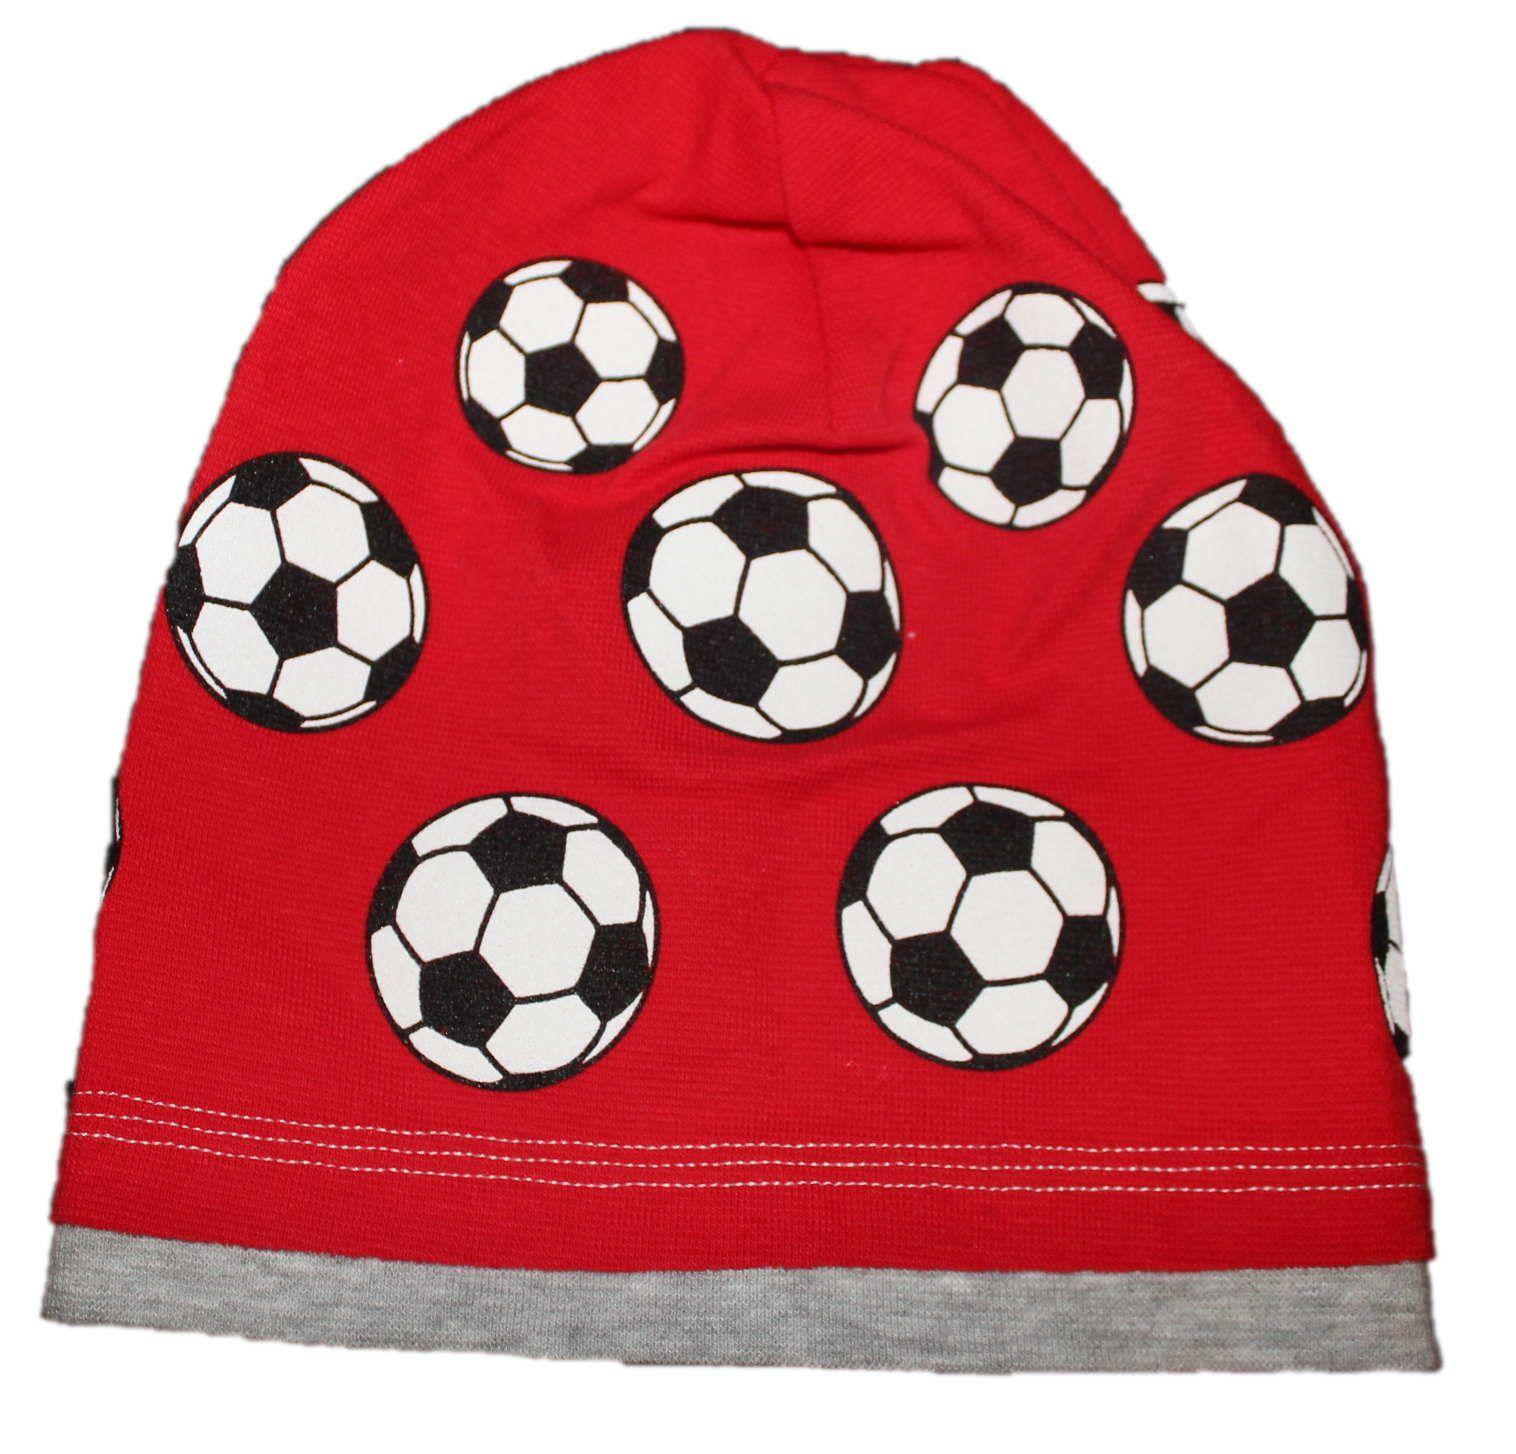 bavlněná čepice s míčem, červená čepice s balonem, fotbalová čepice, chlapecké bavlněná čepice s míčem